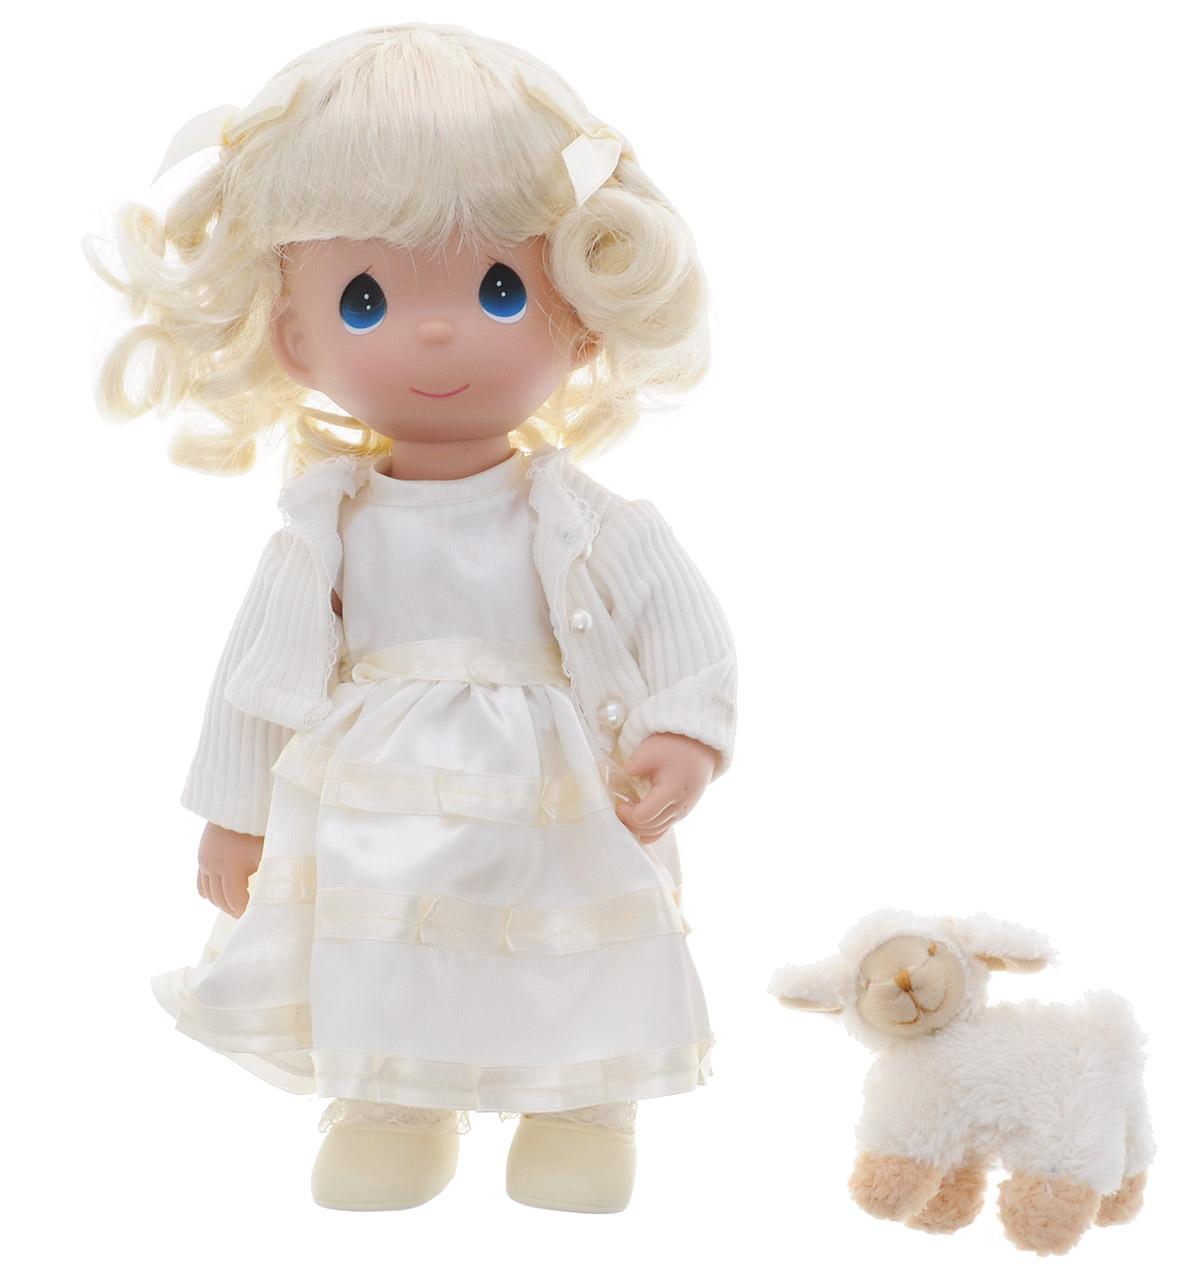 Precious Moments Кукла Сладкие сны блондинка4541Коллекция кукол Precious Moments ростом выше 30 см насчитывает на сегодняшний день более 600 видов. Куклы изготавливаются из качественного, безопасного материала и имеют пять базовых точек артикуляции. Каждый год в коллекцию добавляются все новые и новые модели. Каждая кукла имеет свой неповторимый образ и характер. Она может быть подарком на память о каком- либо событии в жизни. Куклы выполнены с любовью и нежностью, которую дарит нам известная волшебница - создатель кукол Линда Рик! Кукла Сладкие сны привлечет внимание вашей дочурки и станет для нее лучшей игрушкой. Кукла одета в светлое платье и кофточку, а на ногах - ботиночки. Прическа дополнена двумя атласными бантиками. В руке куколка держит мягкую игрушку в виде овечки. Одежда съемная. Игра с куклой разовьет в вашей малышке чувство ответственности и заботы. Порадуйте свою принцессу таким великолепным подарком!